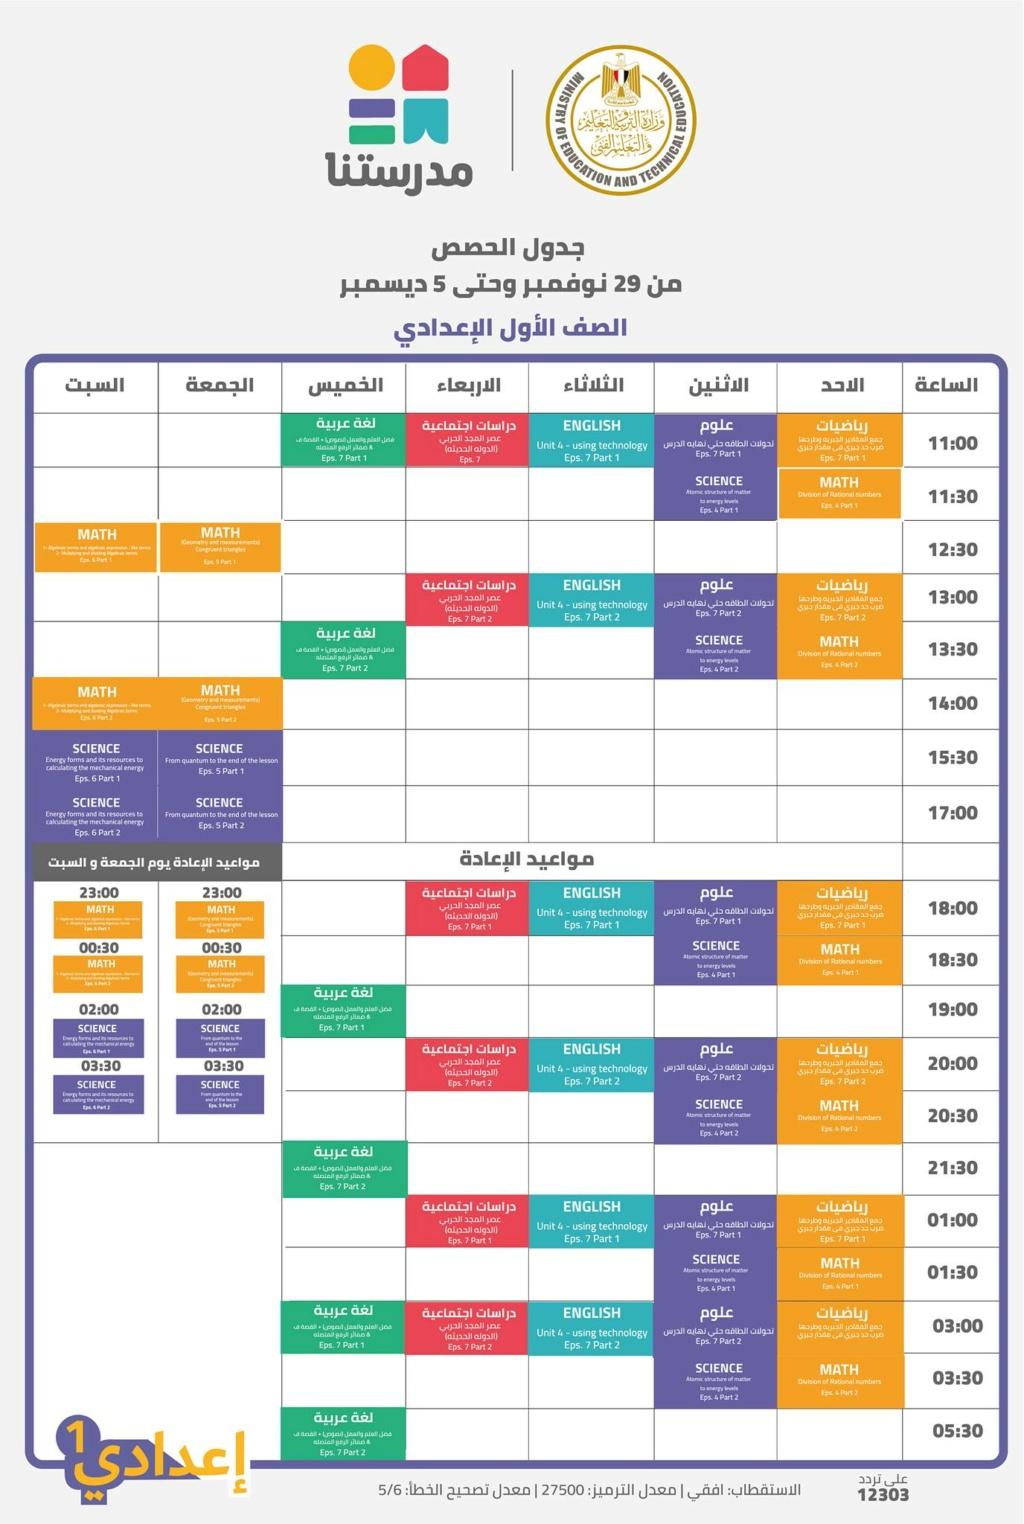 قناة مدرستنا l جدول حصص الأسبوع السابع من الأحد ٢٩ نوفمبر حتى السبت ٥ ديسمبر ٢٠٢٠ 7577